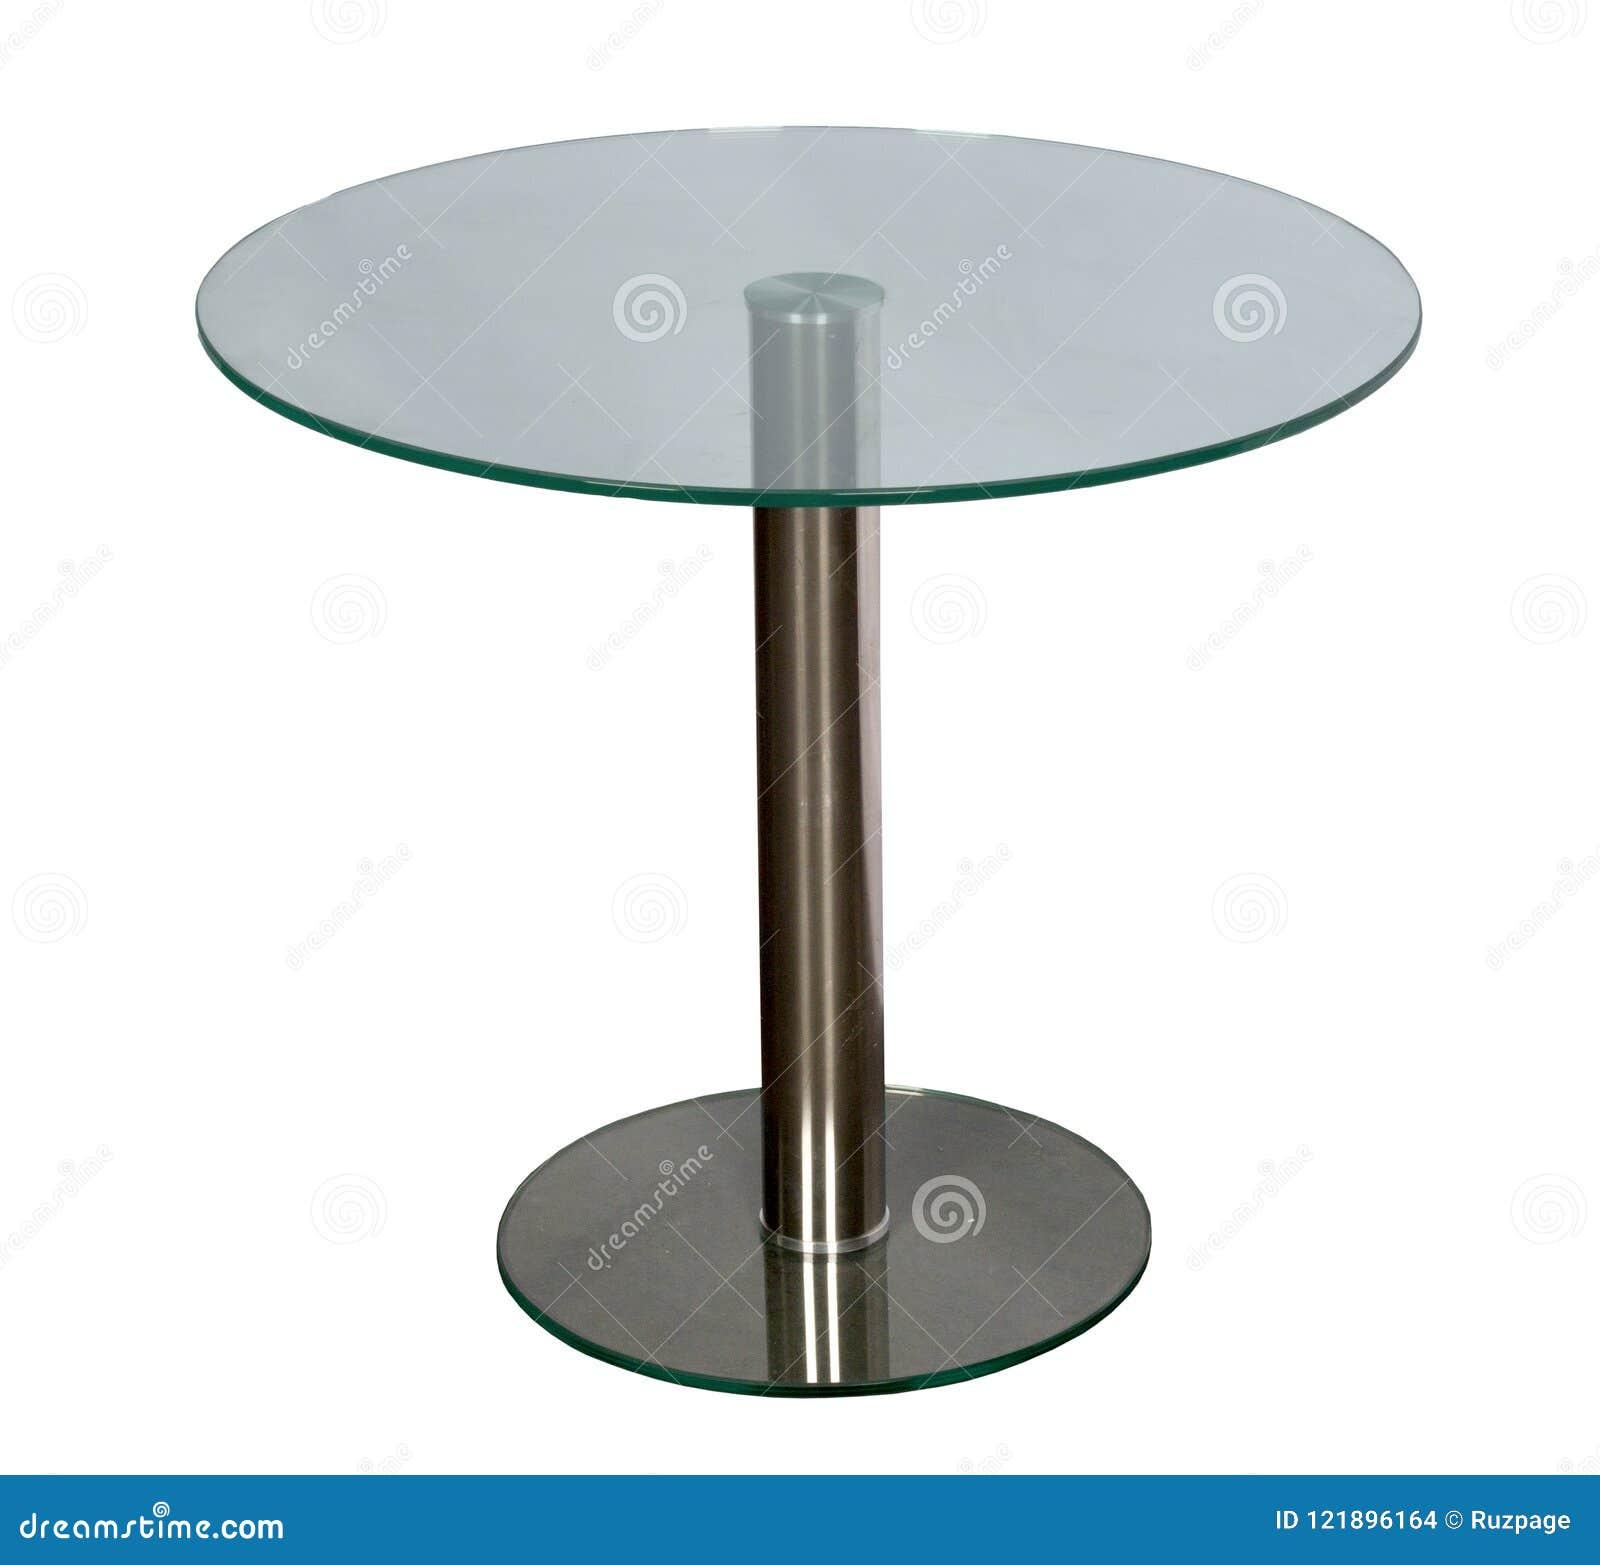 Tabella con un vetro da tavolo